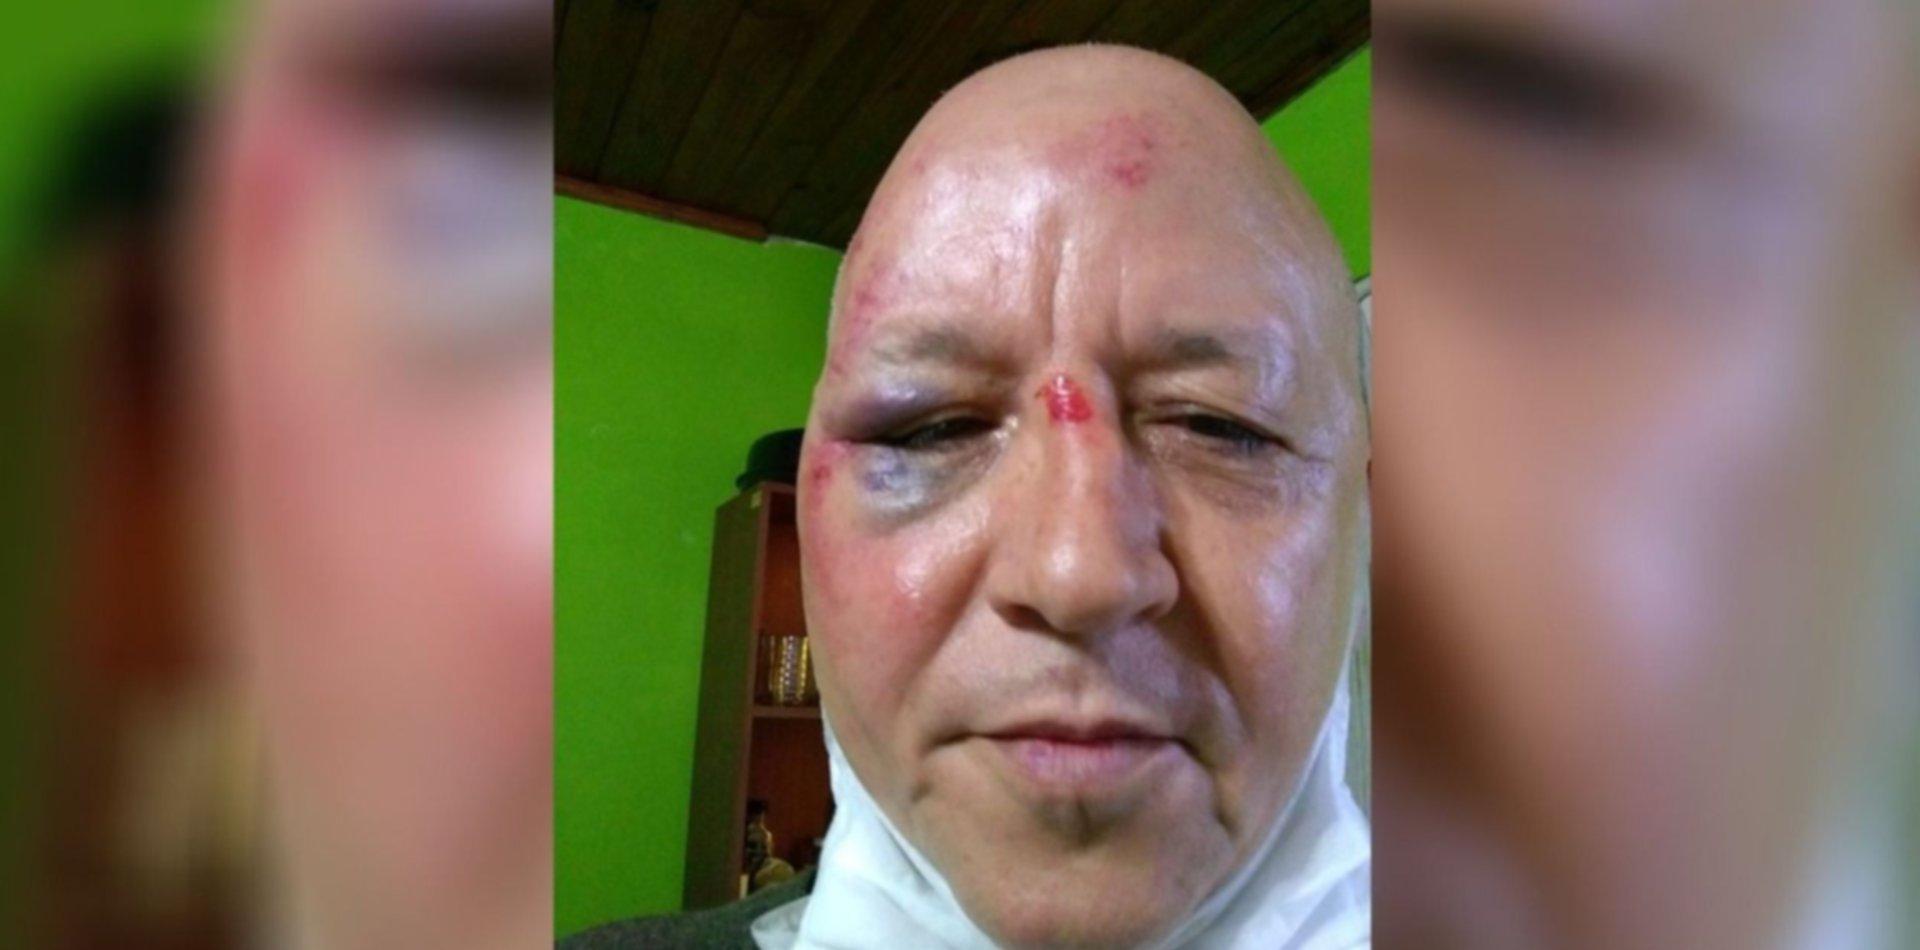 """Atacaron con una baldosa a un conocido artista de la región: """"Me podría haber matado"""""""